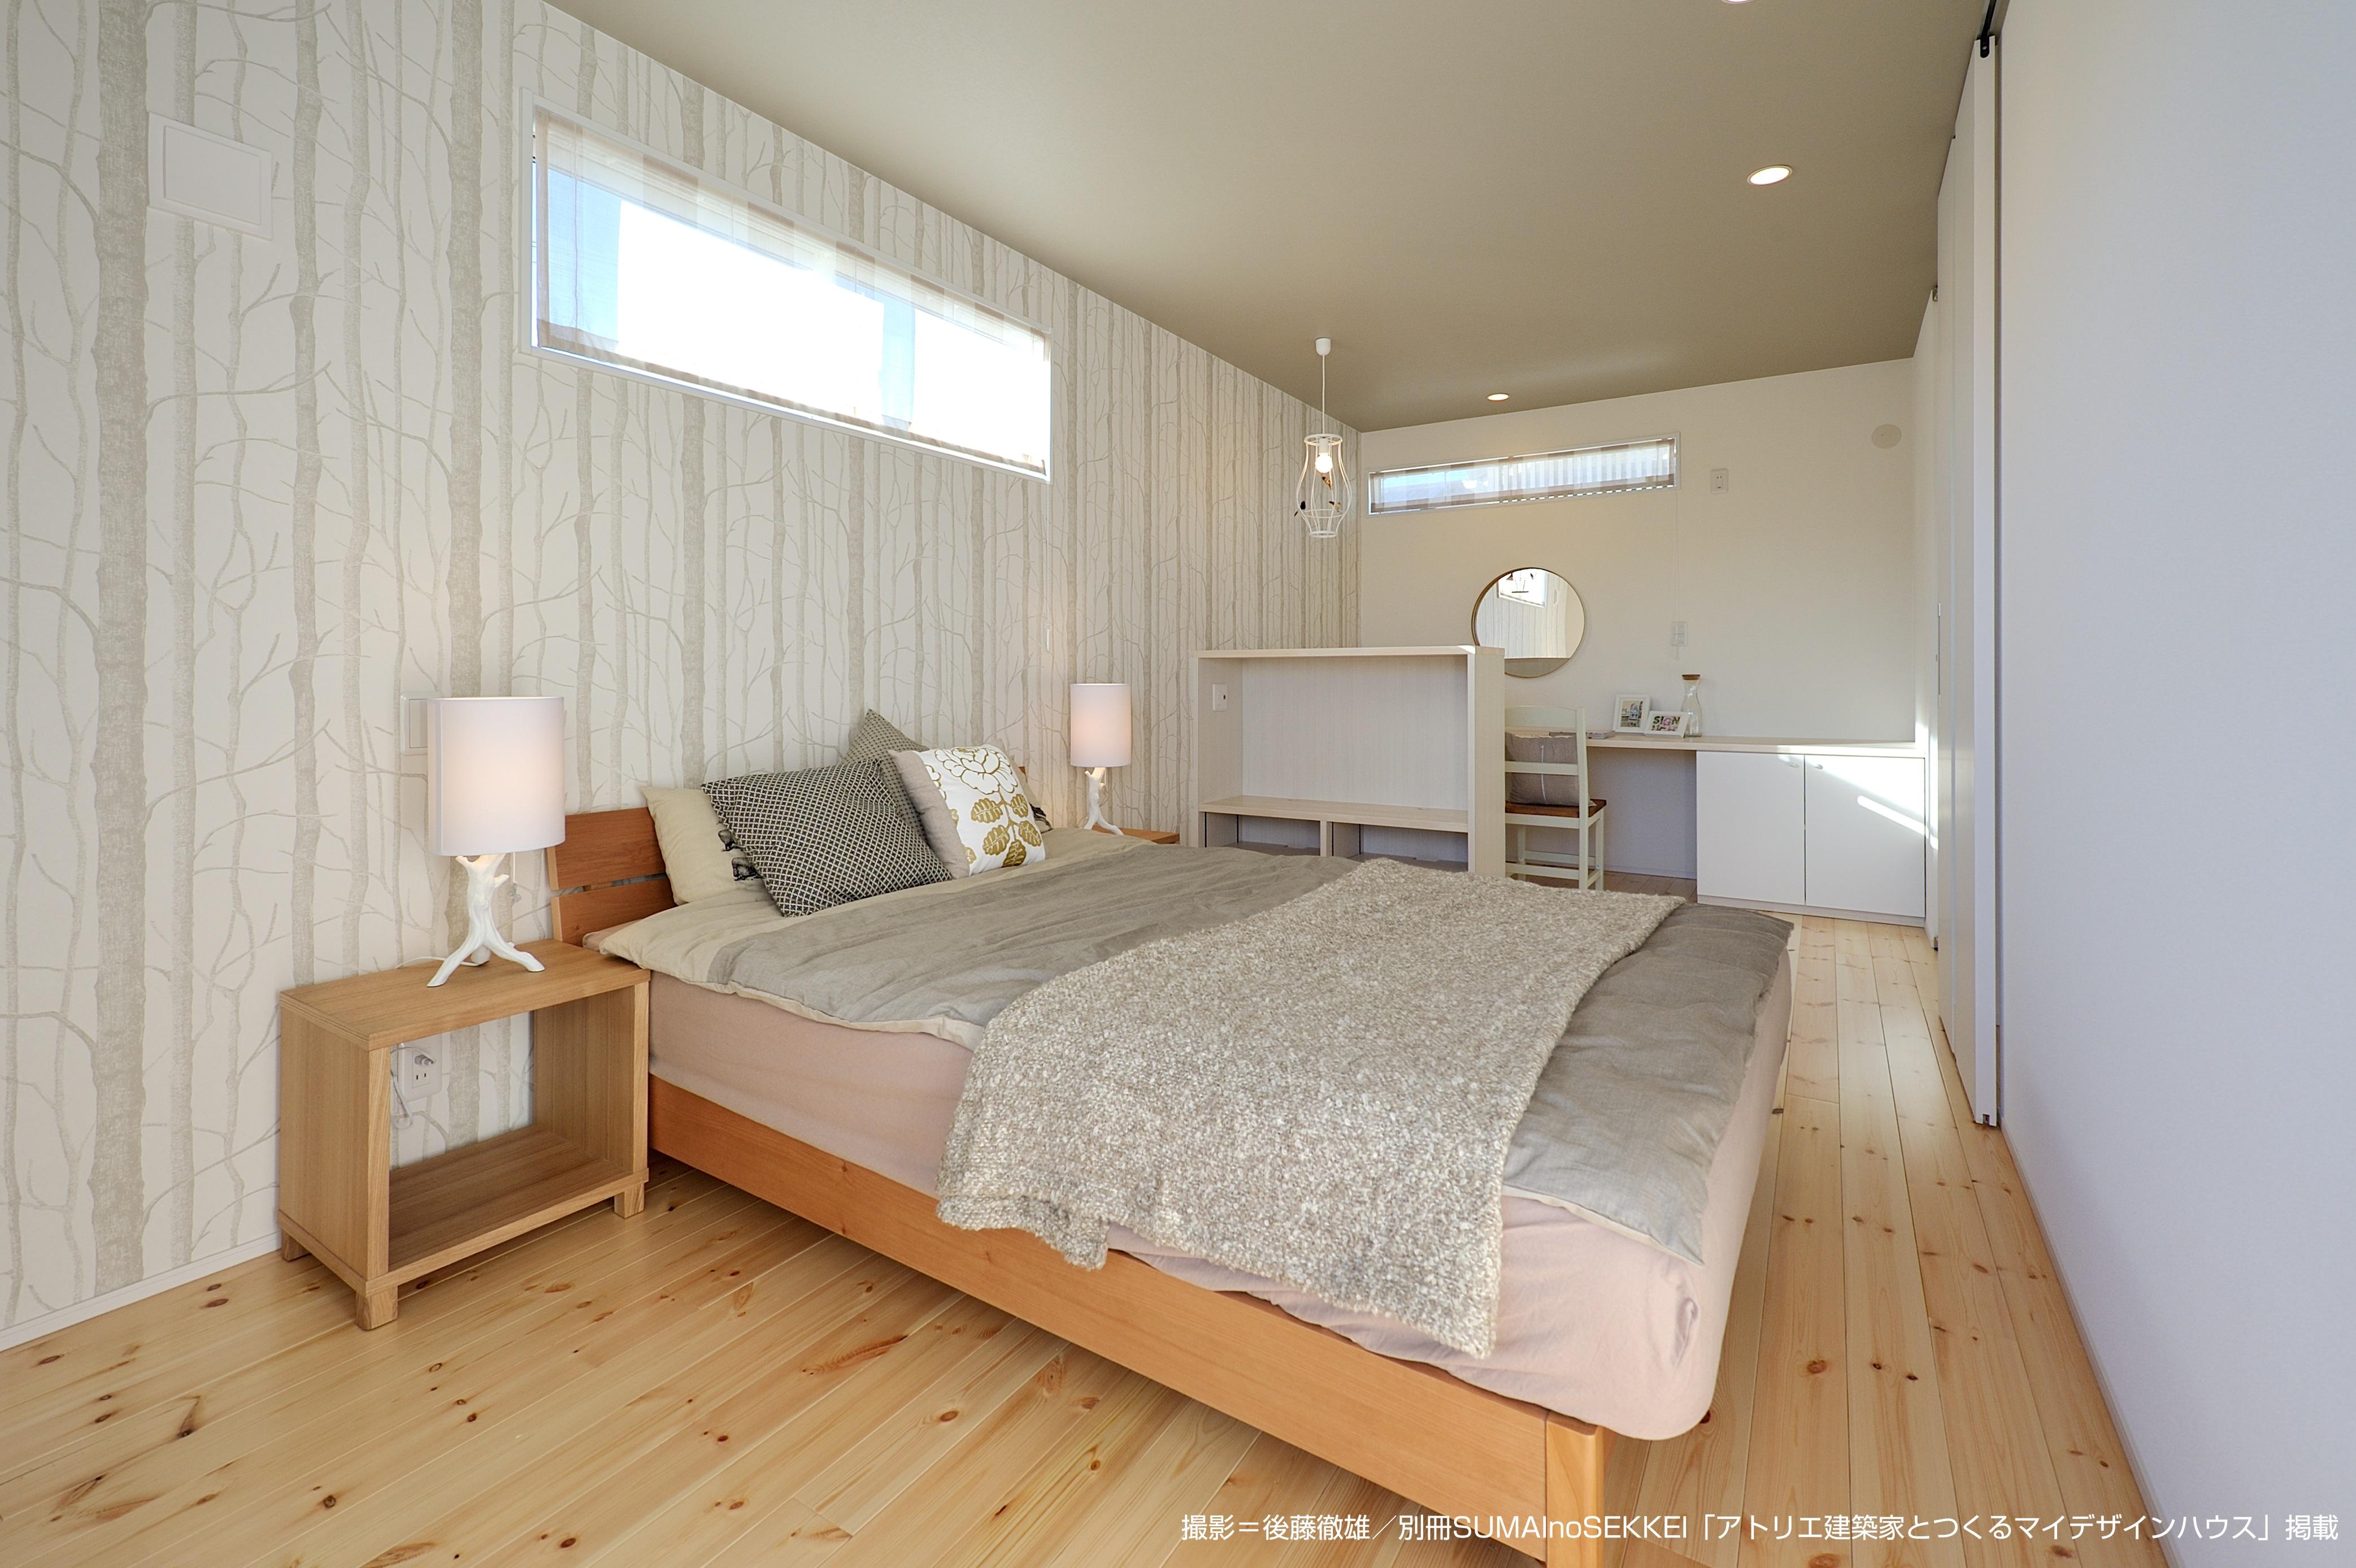 1S03_room2